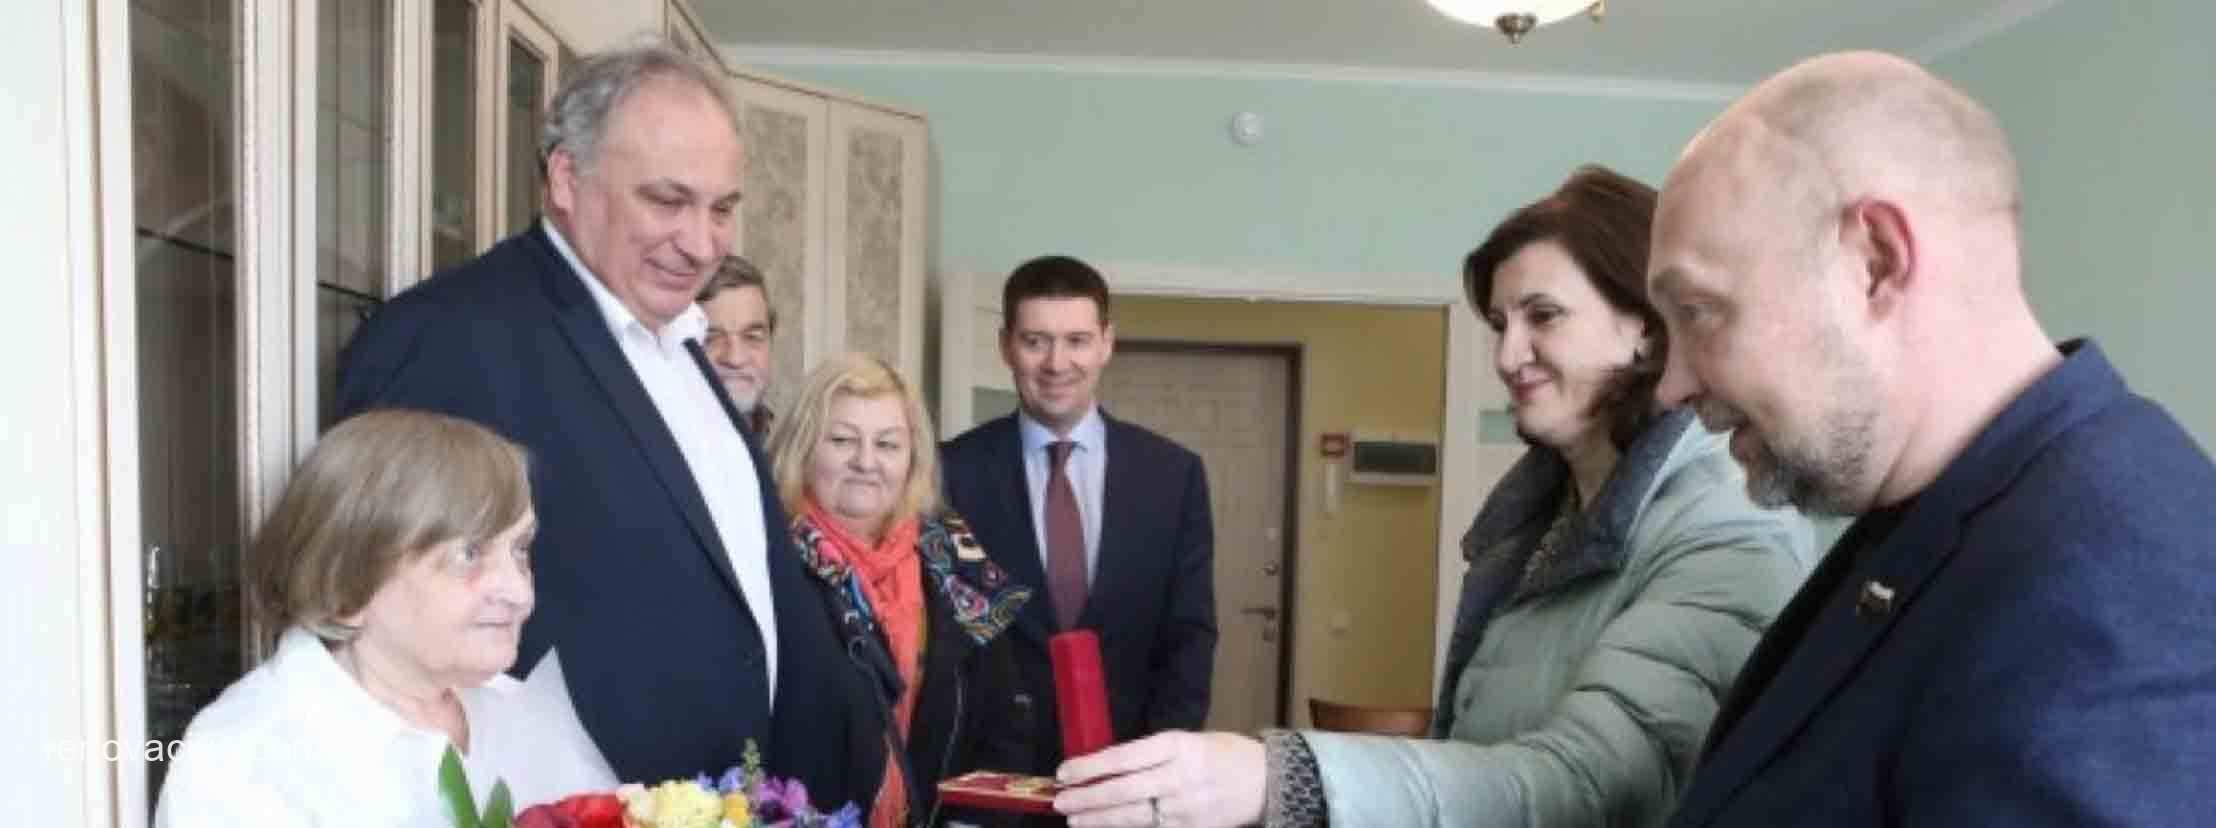 Галина Гераничева отметила 80-летие в новой квартире